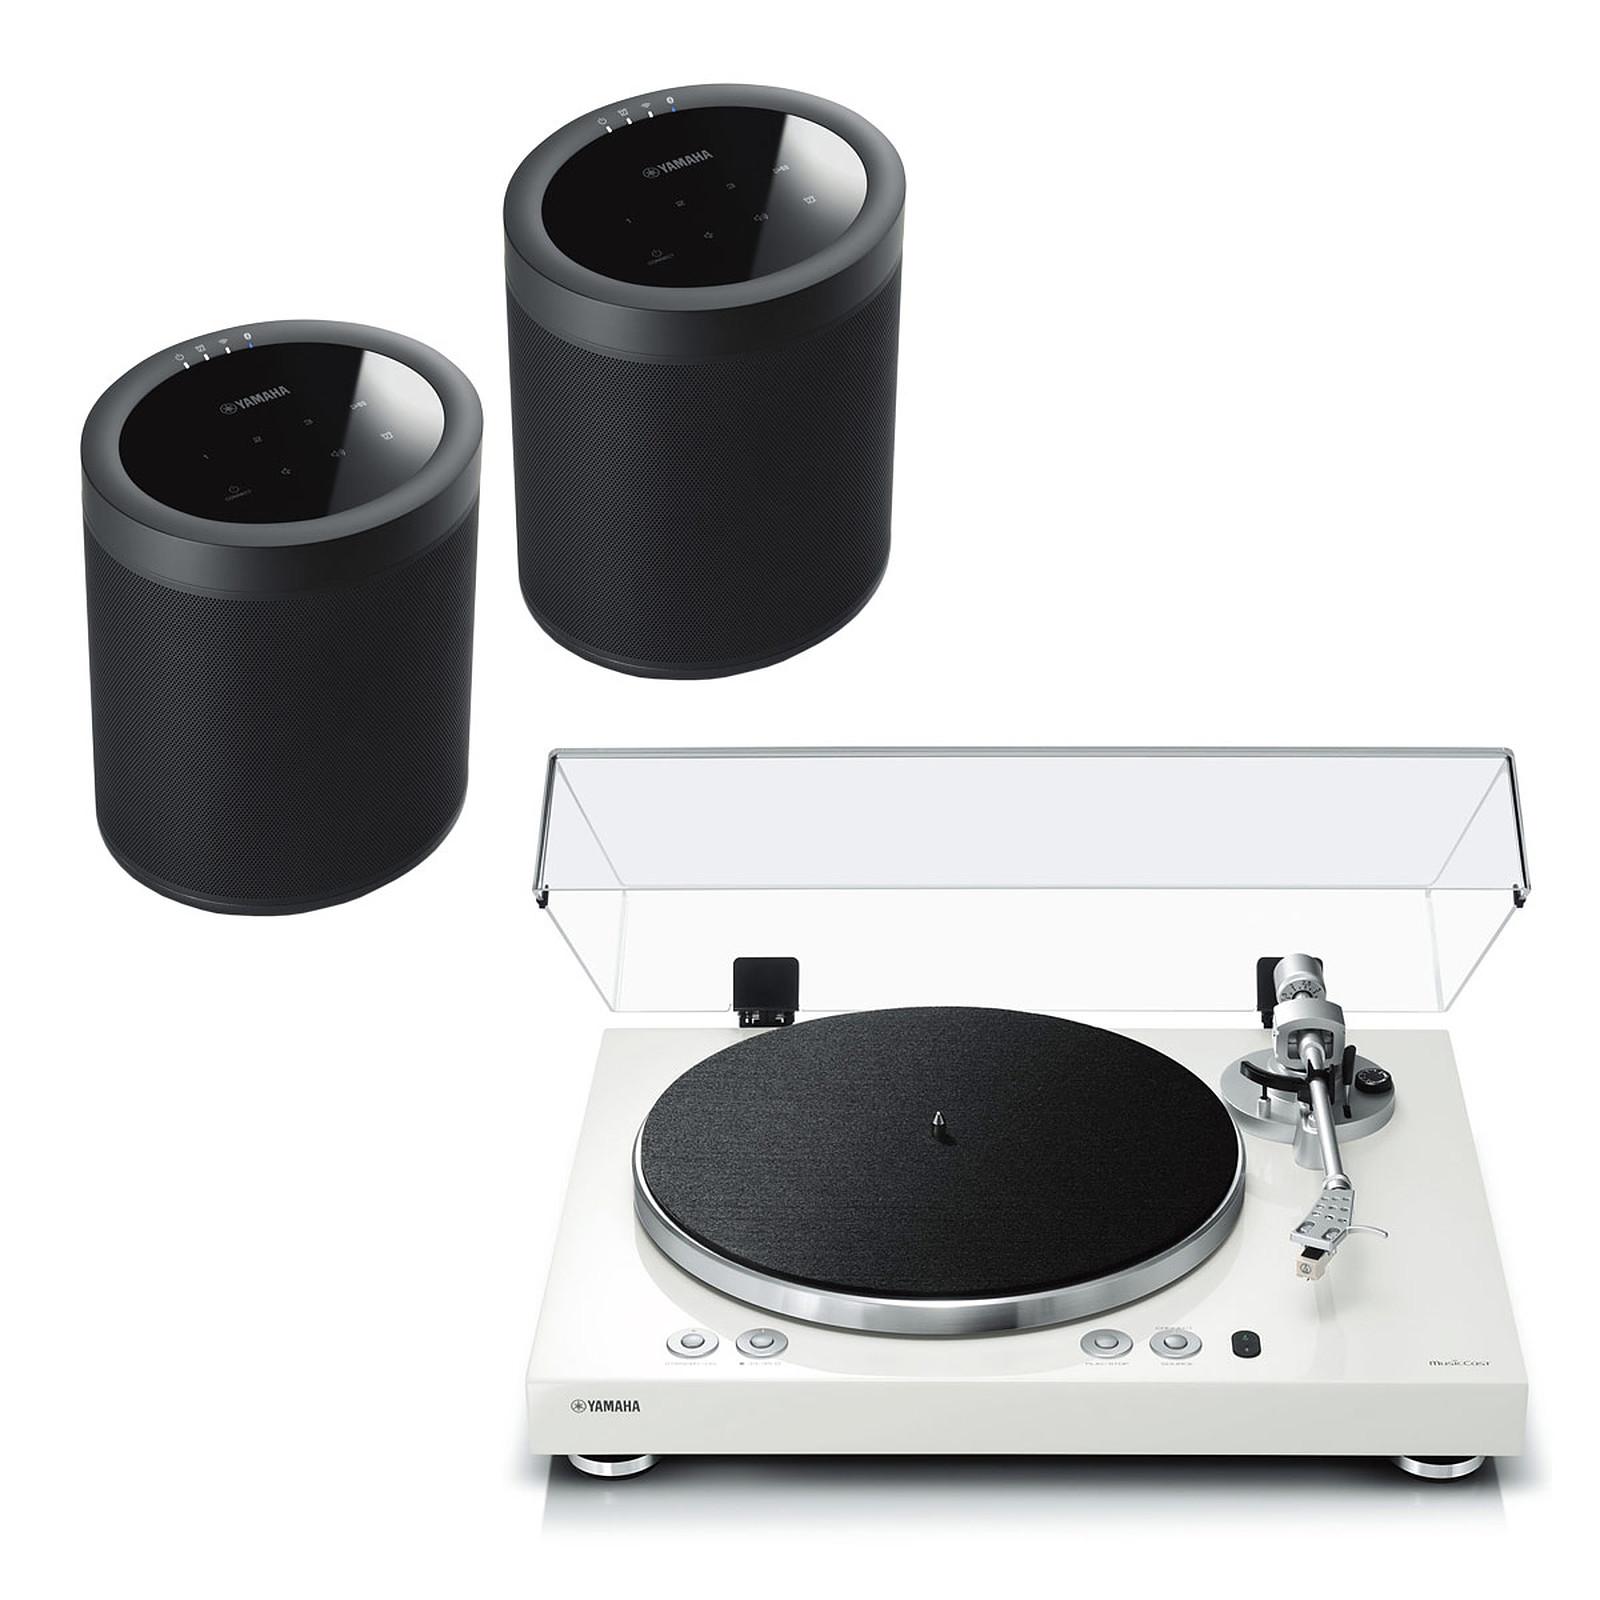 Yamaha MusicCast VINYL 500 Blanc + Yamaha MusicCast 20 Noir